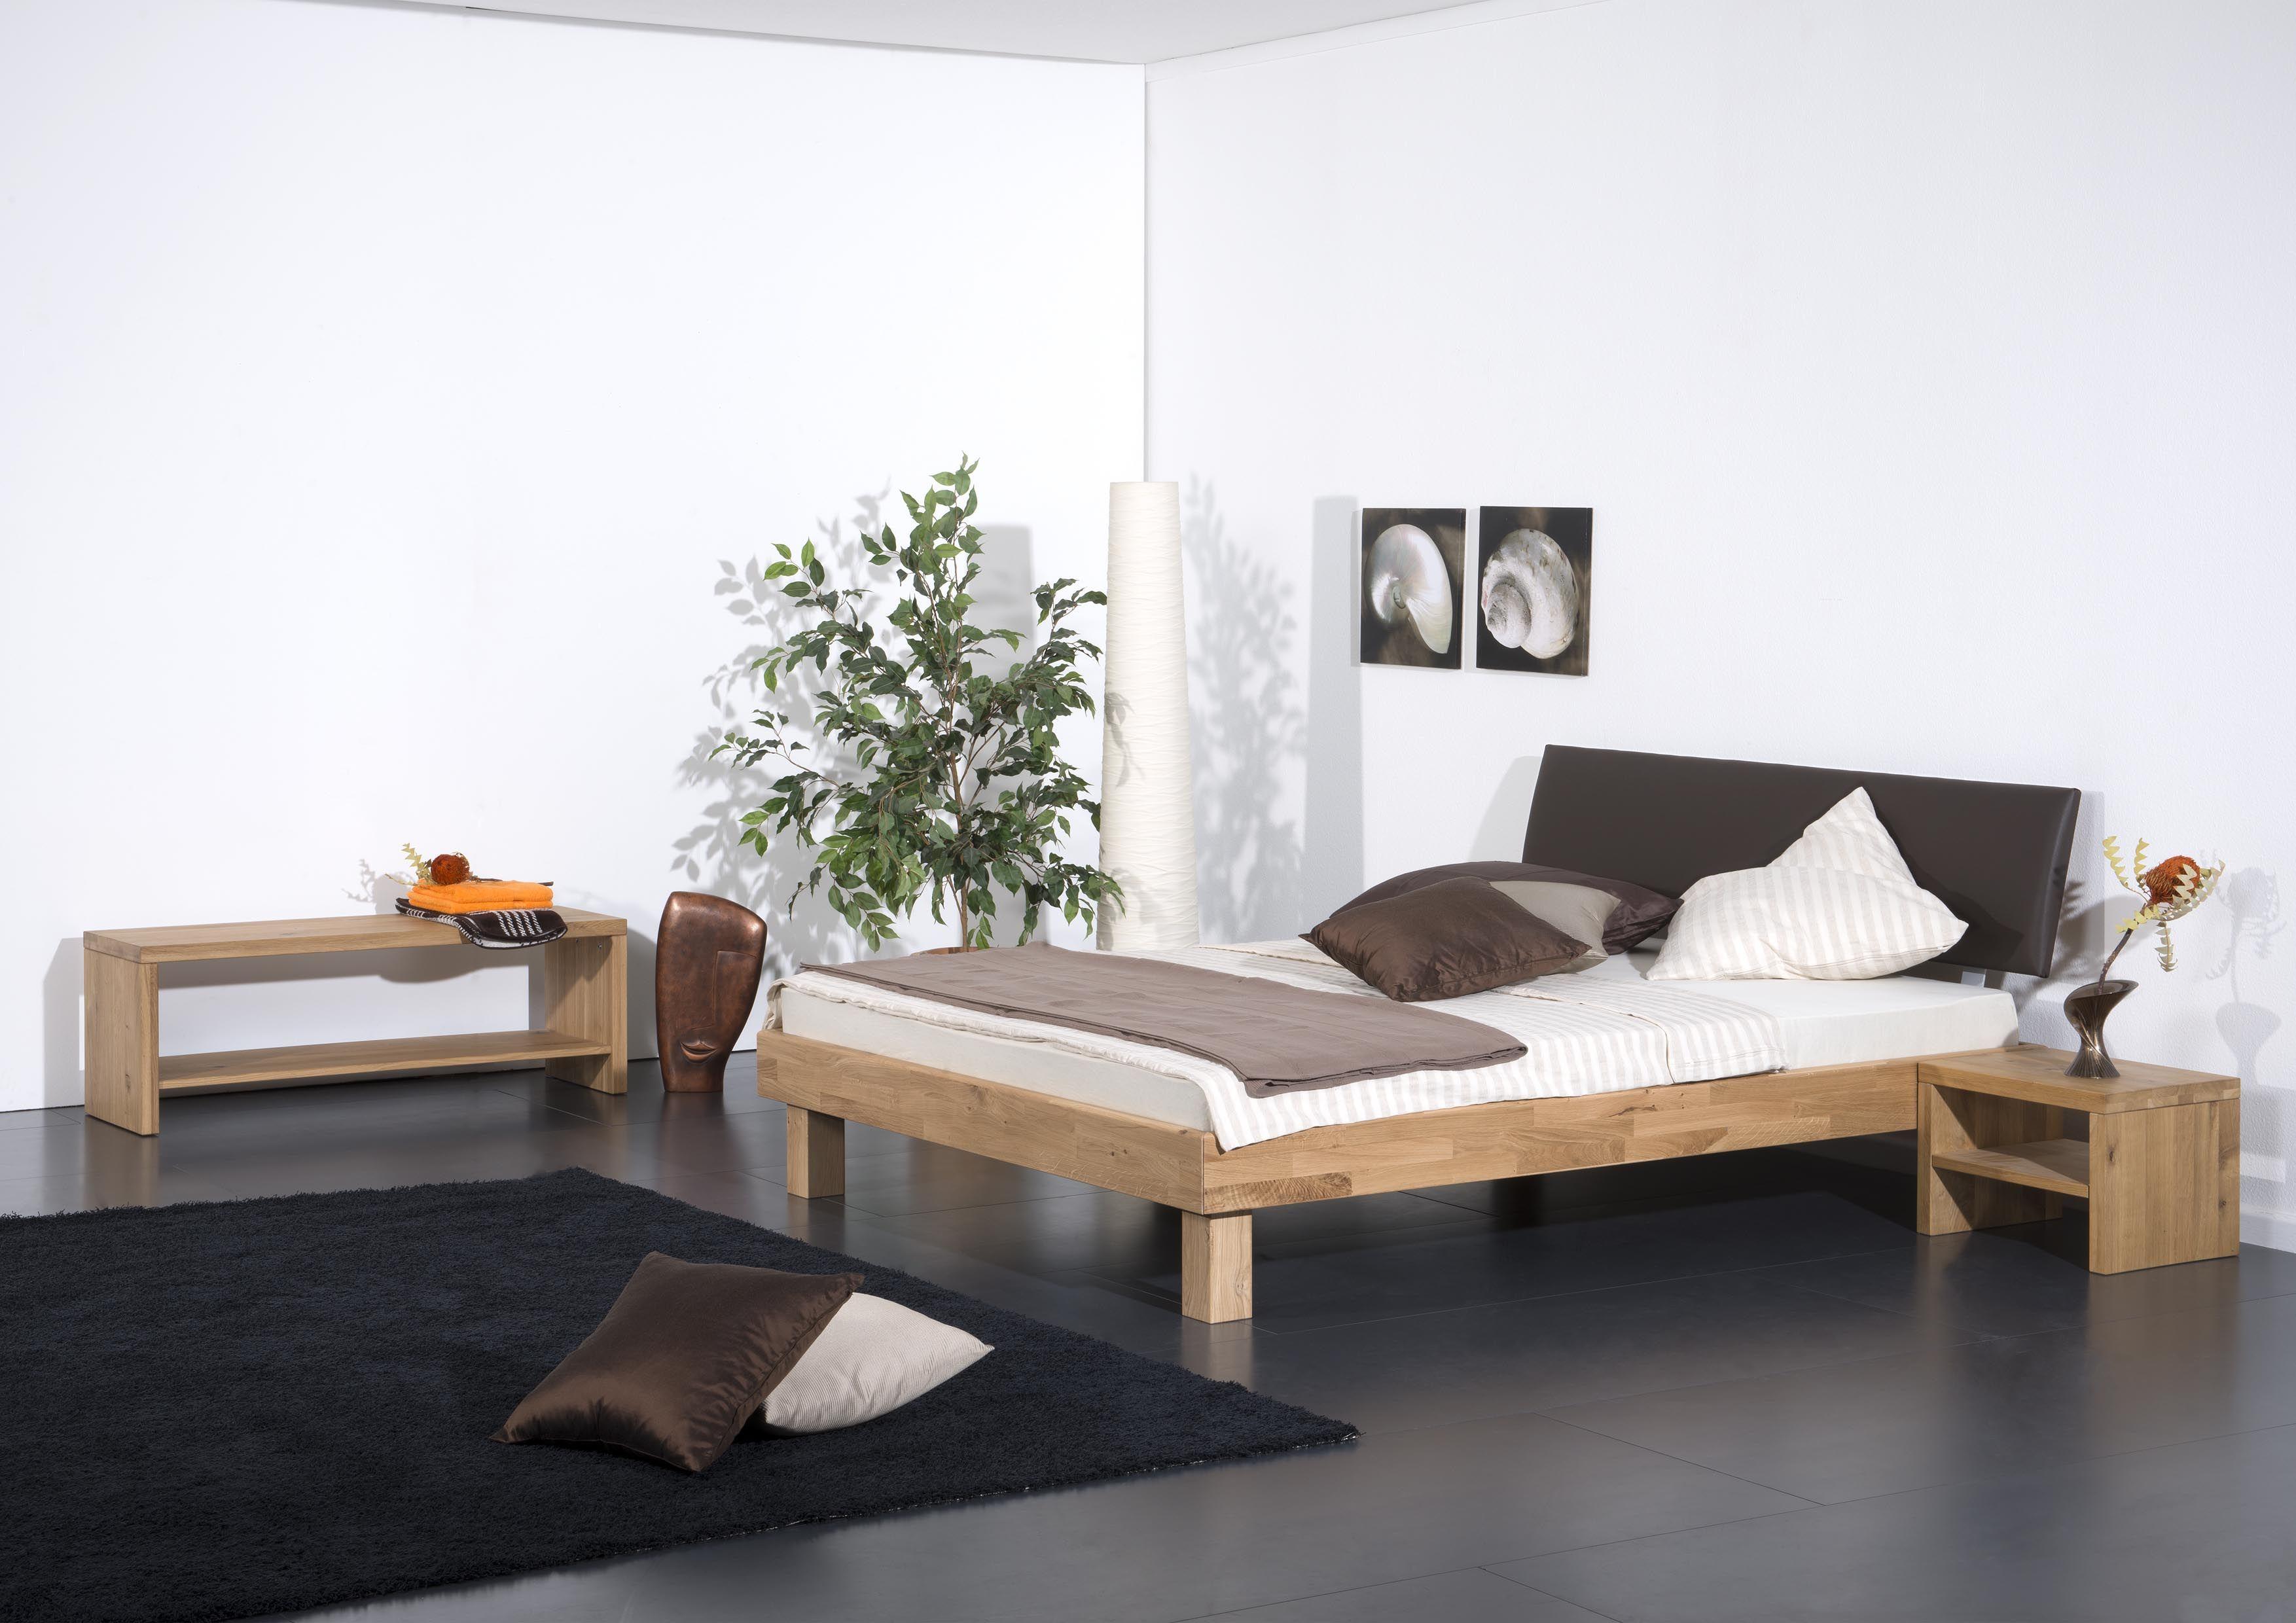 Attraktiv Bett Venezia Wildeiche Bei Villatmo.de | VILLATMO   Designer Möbel, Lampen  U0026 Accessoires